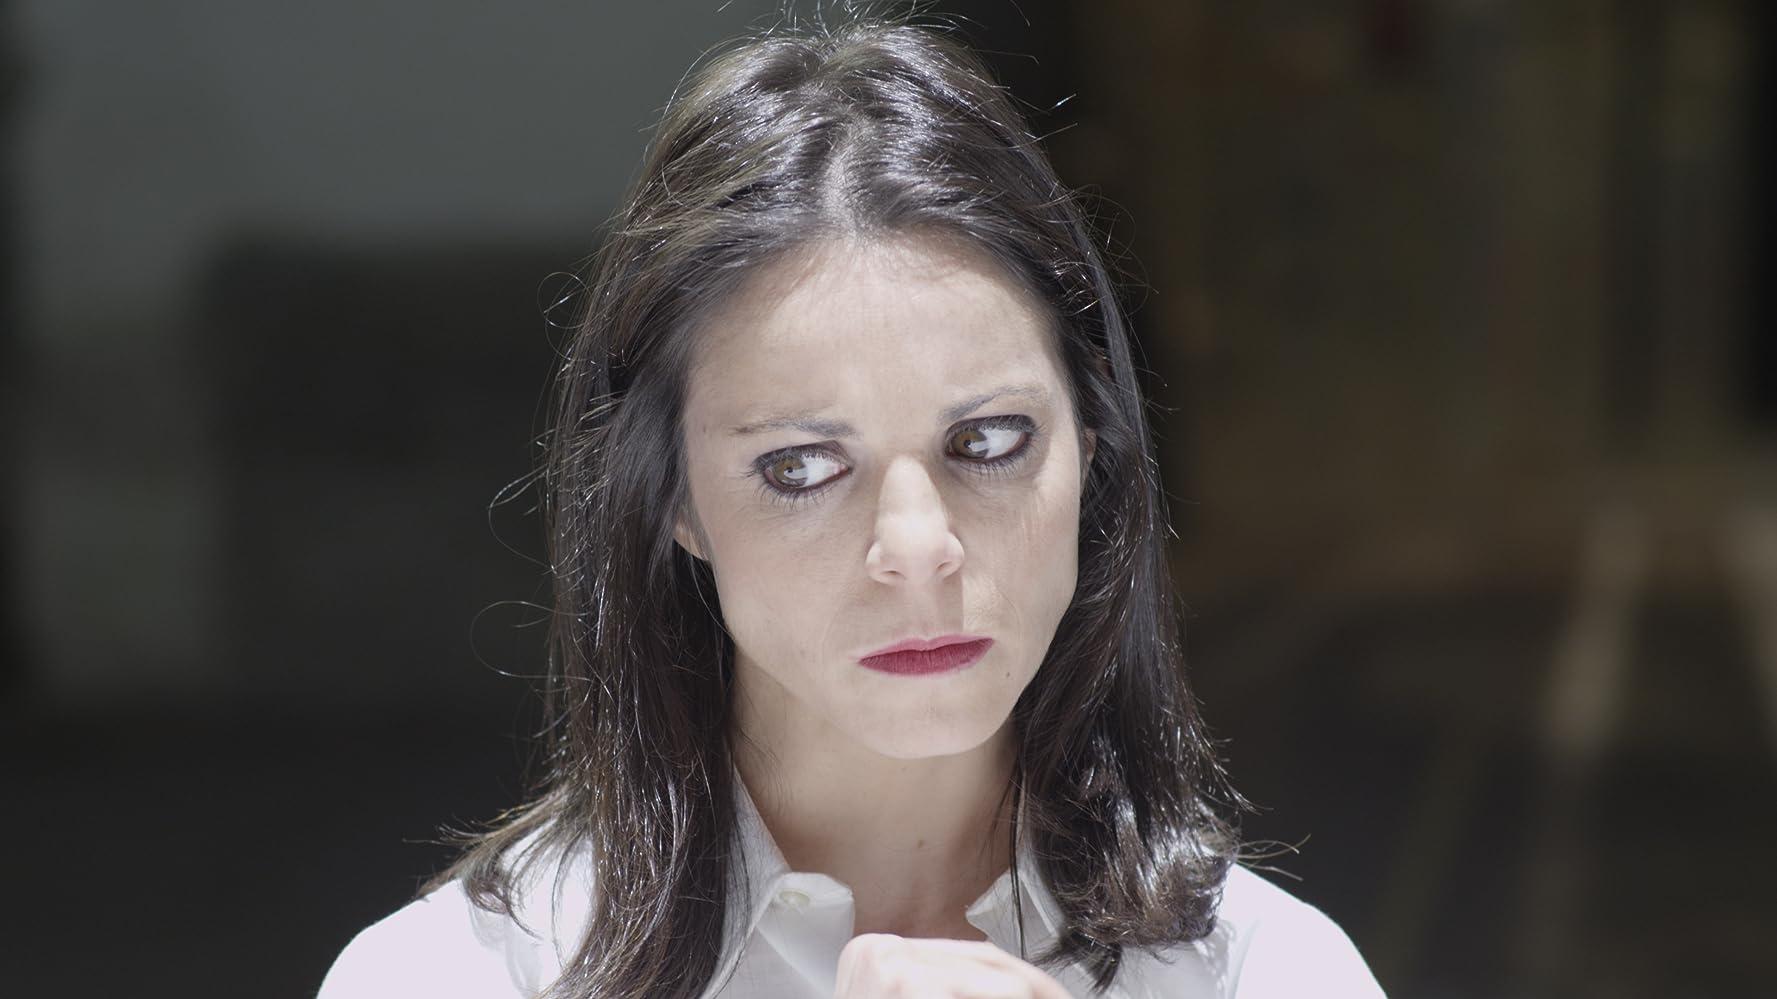 Elena de Frutos naked 864